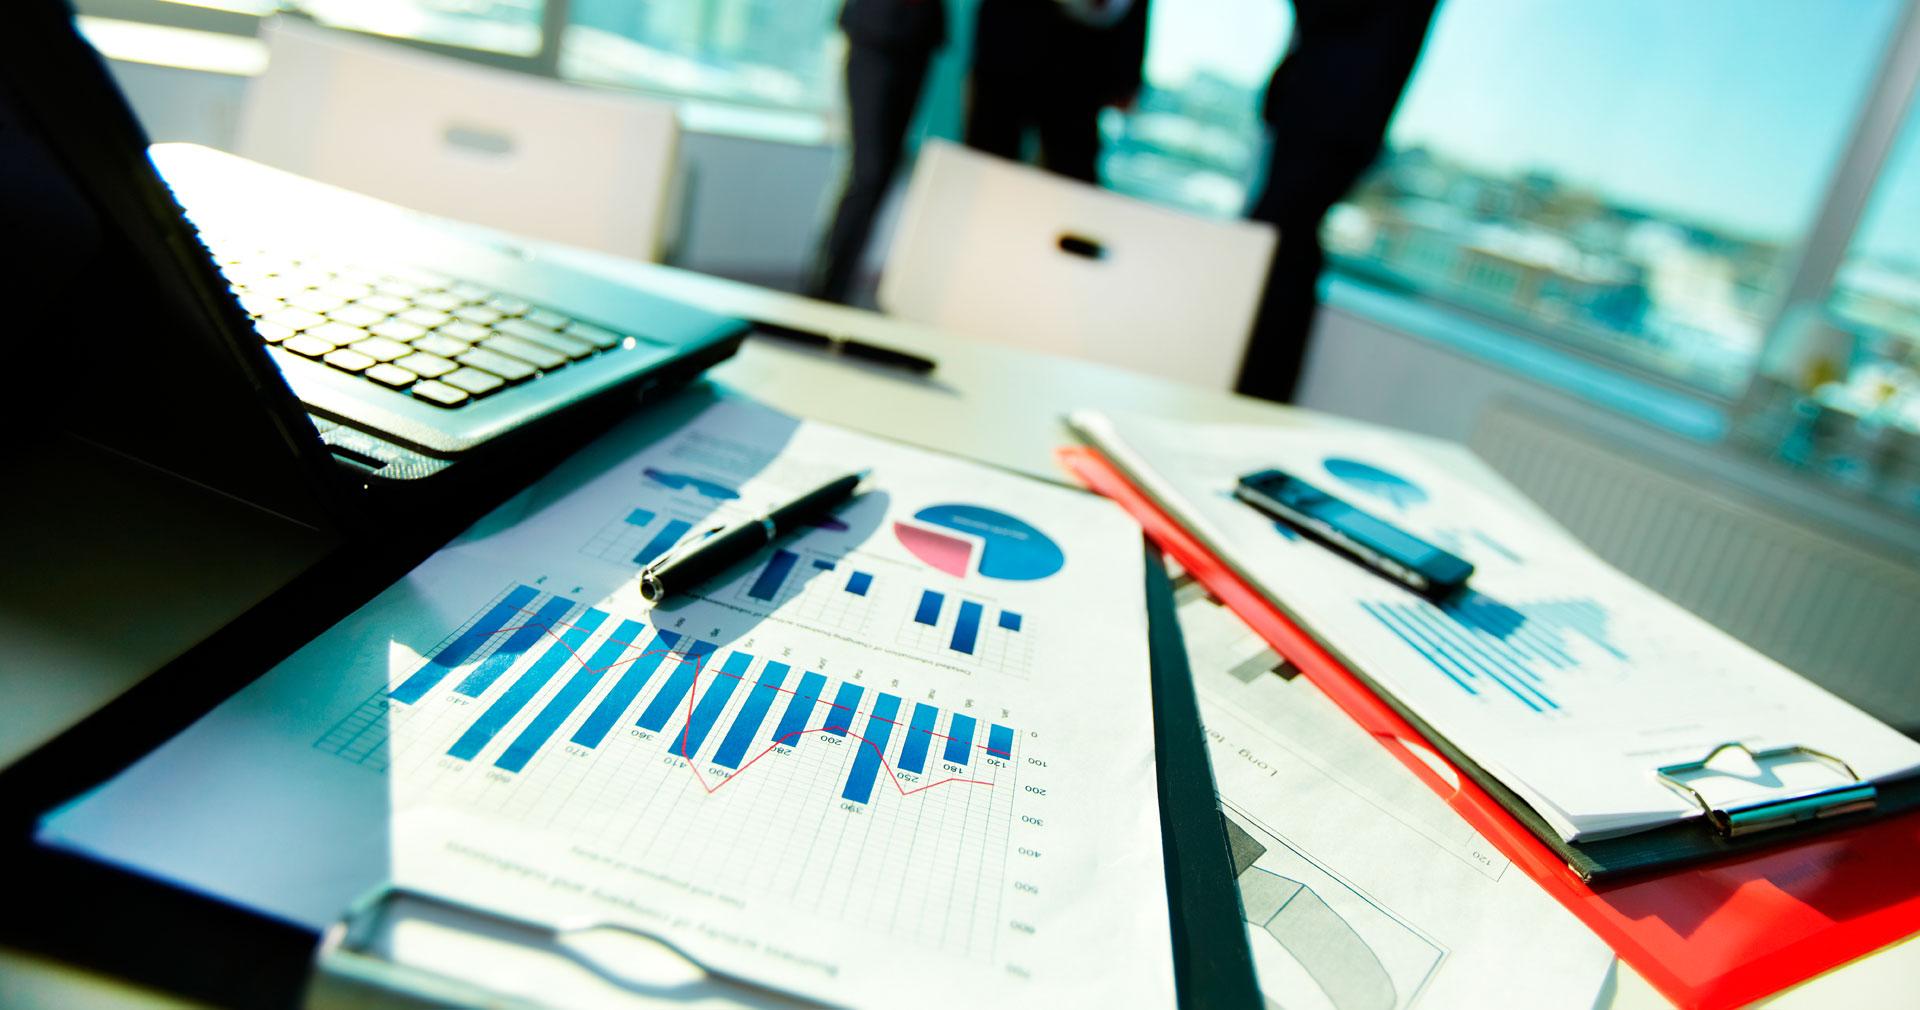 Торік підприємства Волині реалізували продукції на понад 170 мільярдів гривень